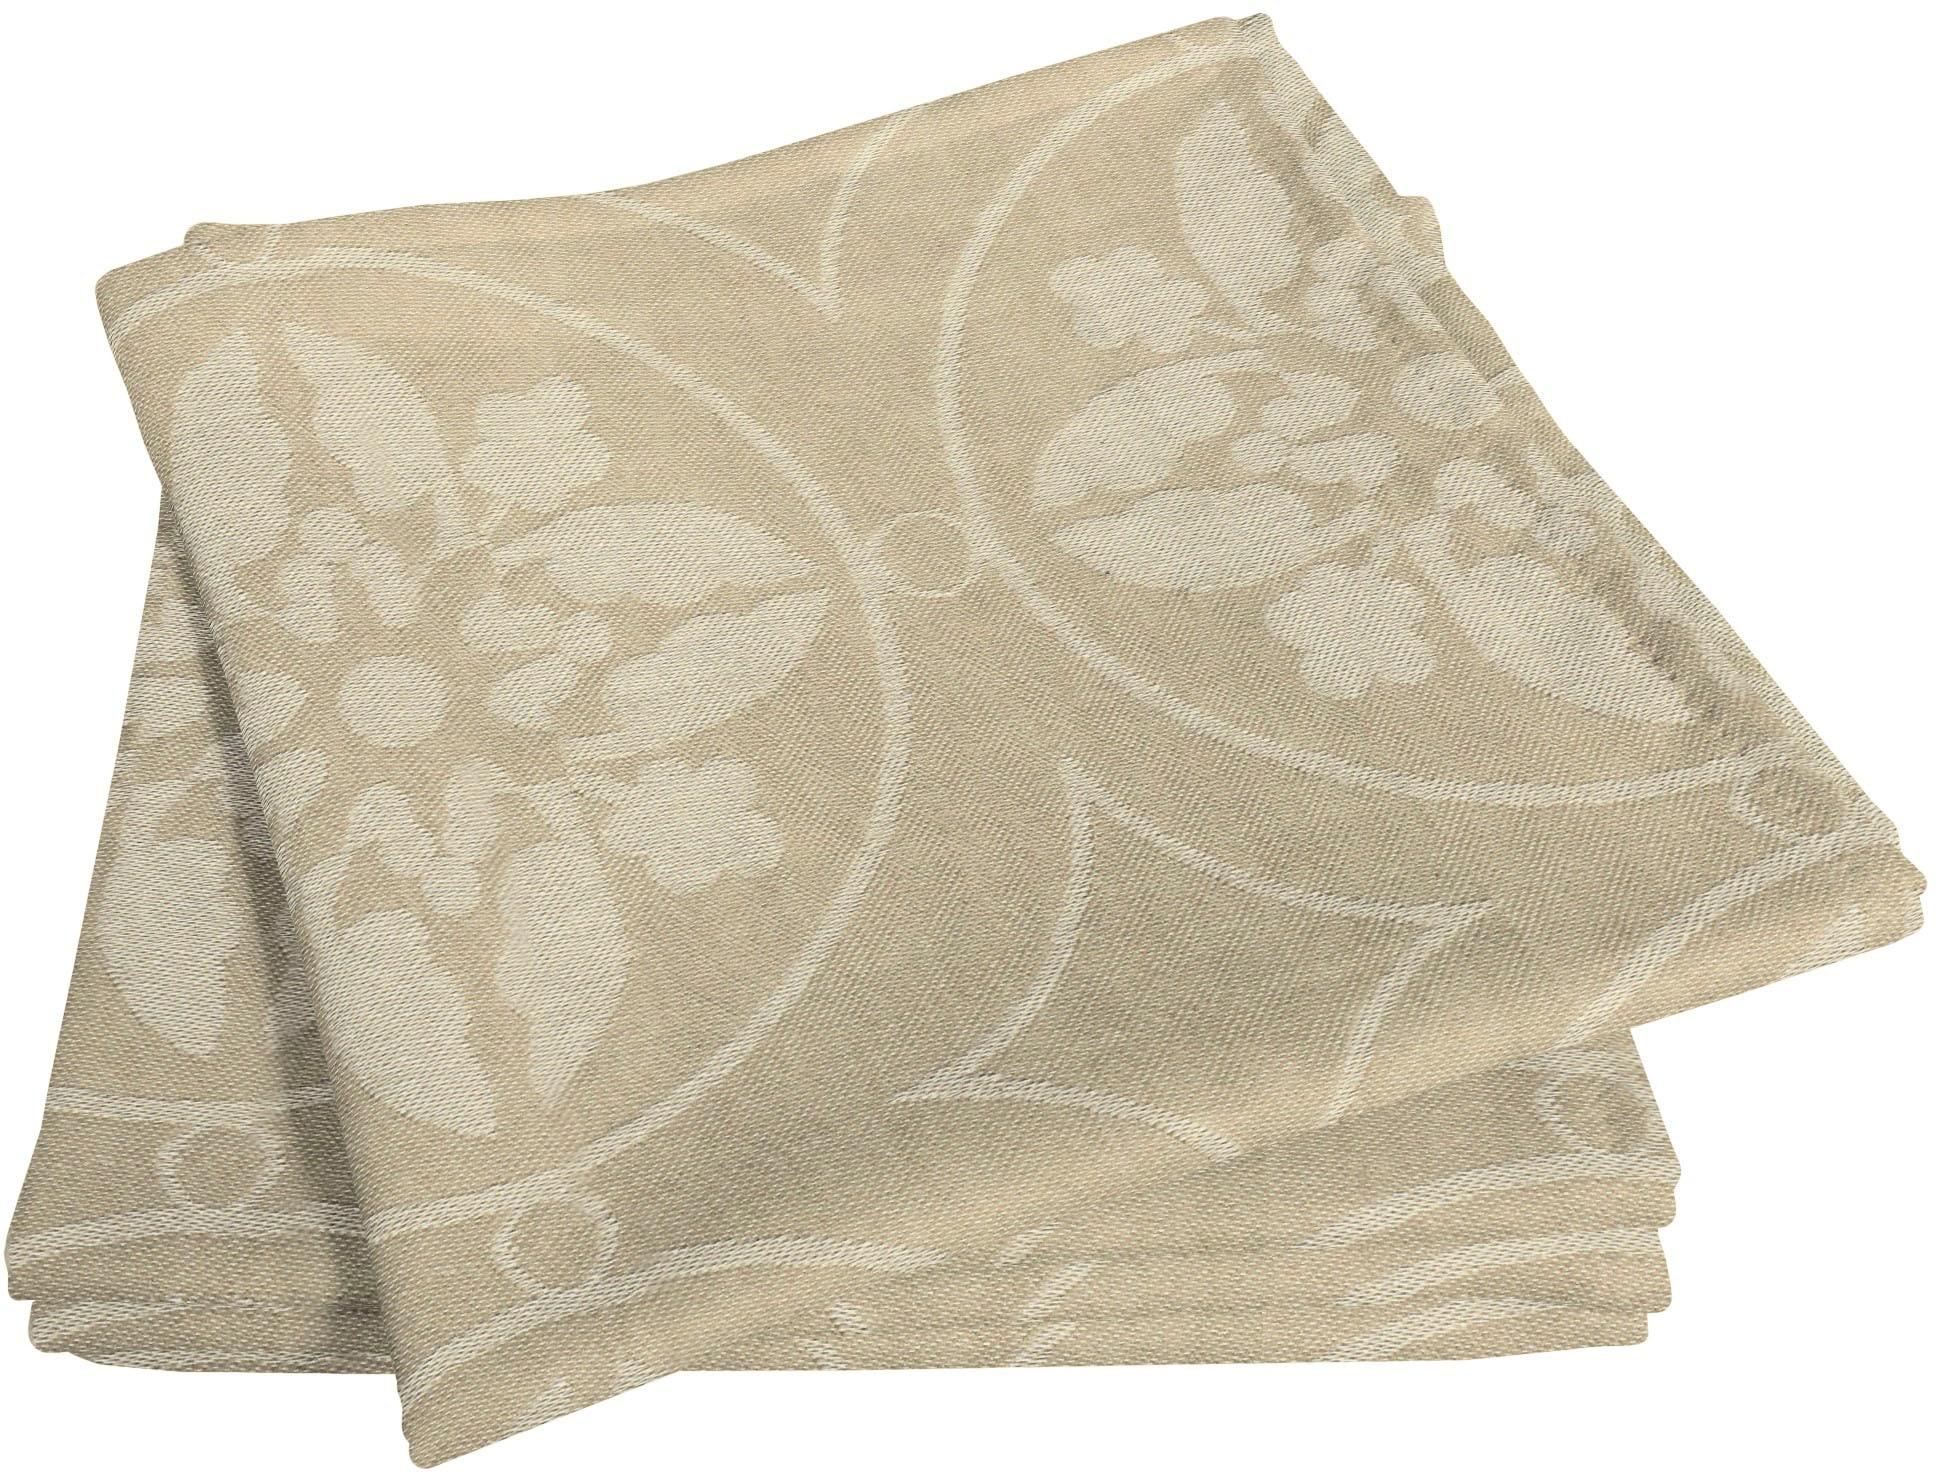 Adam Stoffserviette Romantic Puligny Light, (4 St.), nachhaltig, GOTS zertifiziert beige Stoffservietten Tischwäsche